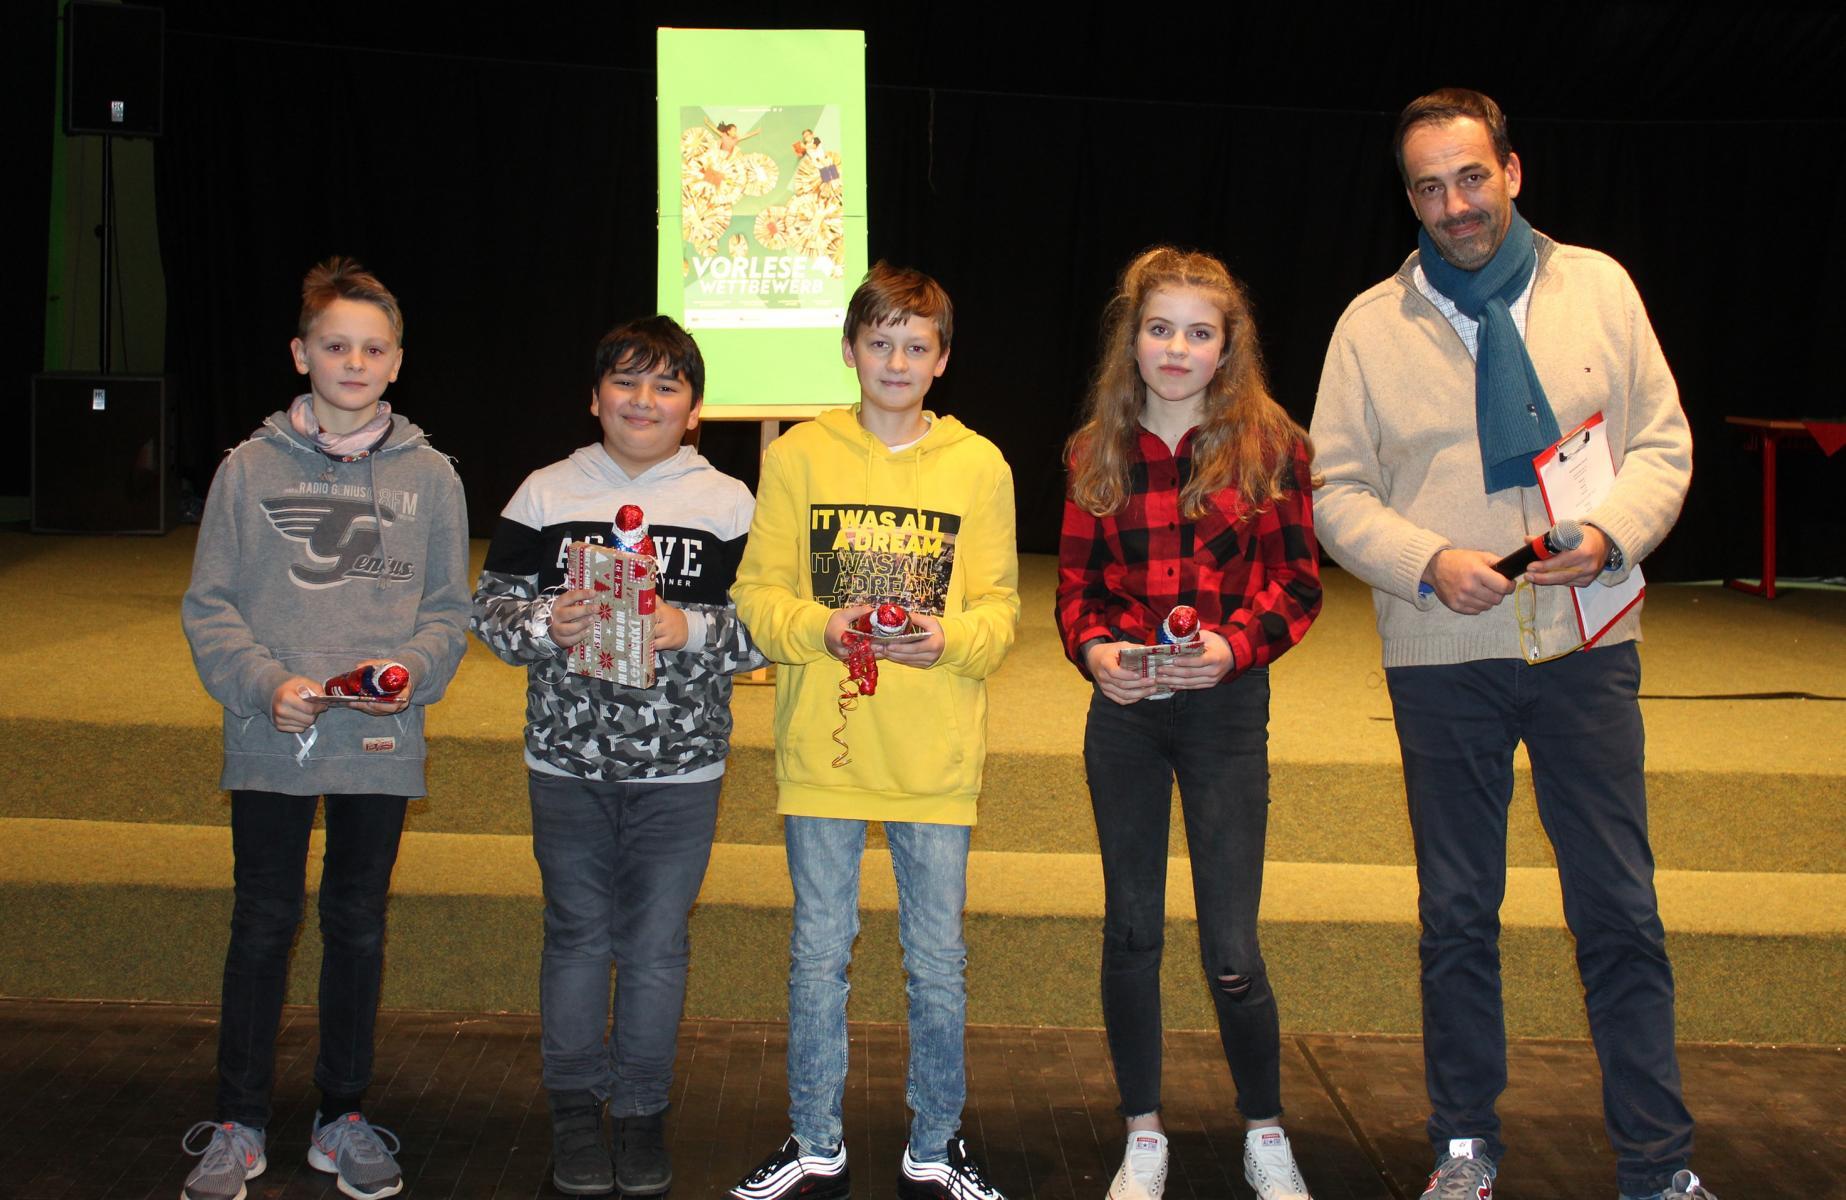 Vorlesewettbewerb der ASRS: Baturay Cankilic wird Schulsieger 2019 !!